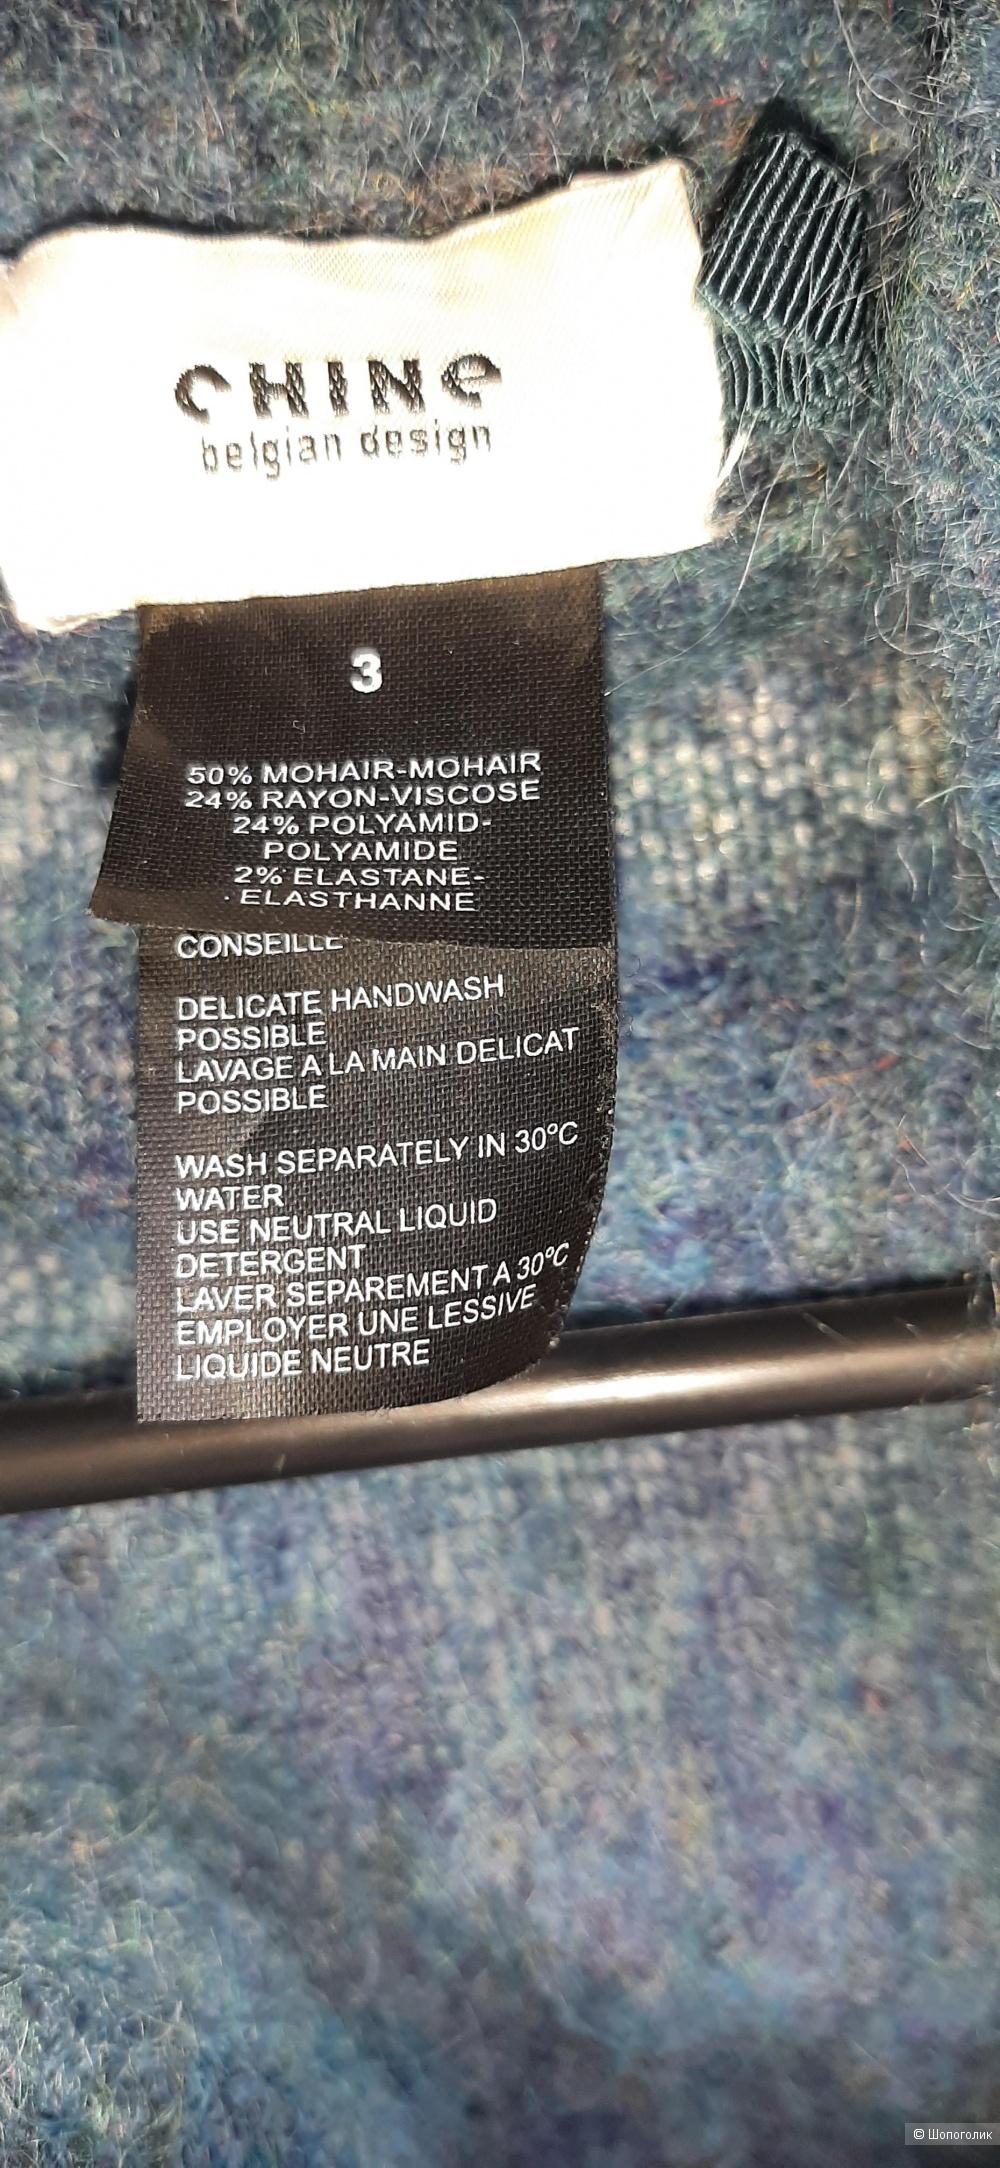 Мохеровый кардиган- жакет  Chine belgian design, 3 на 44-46